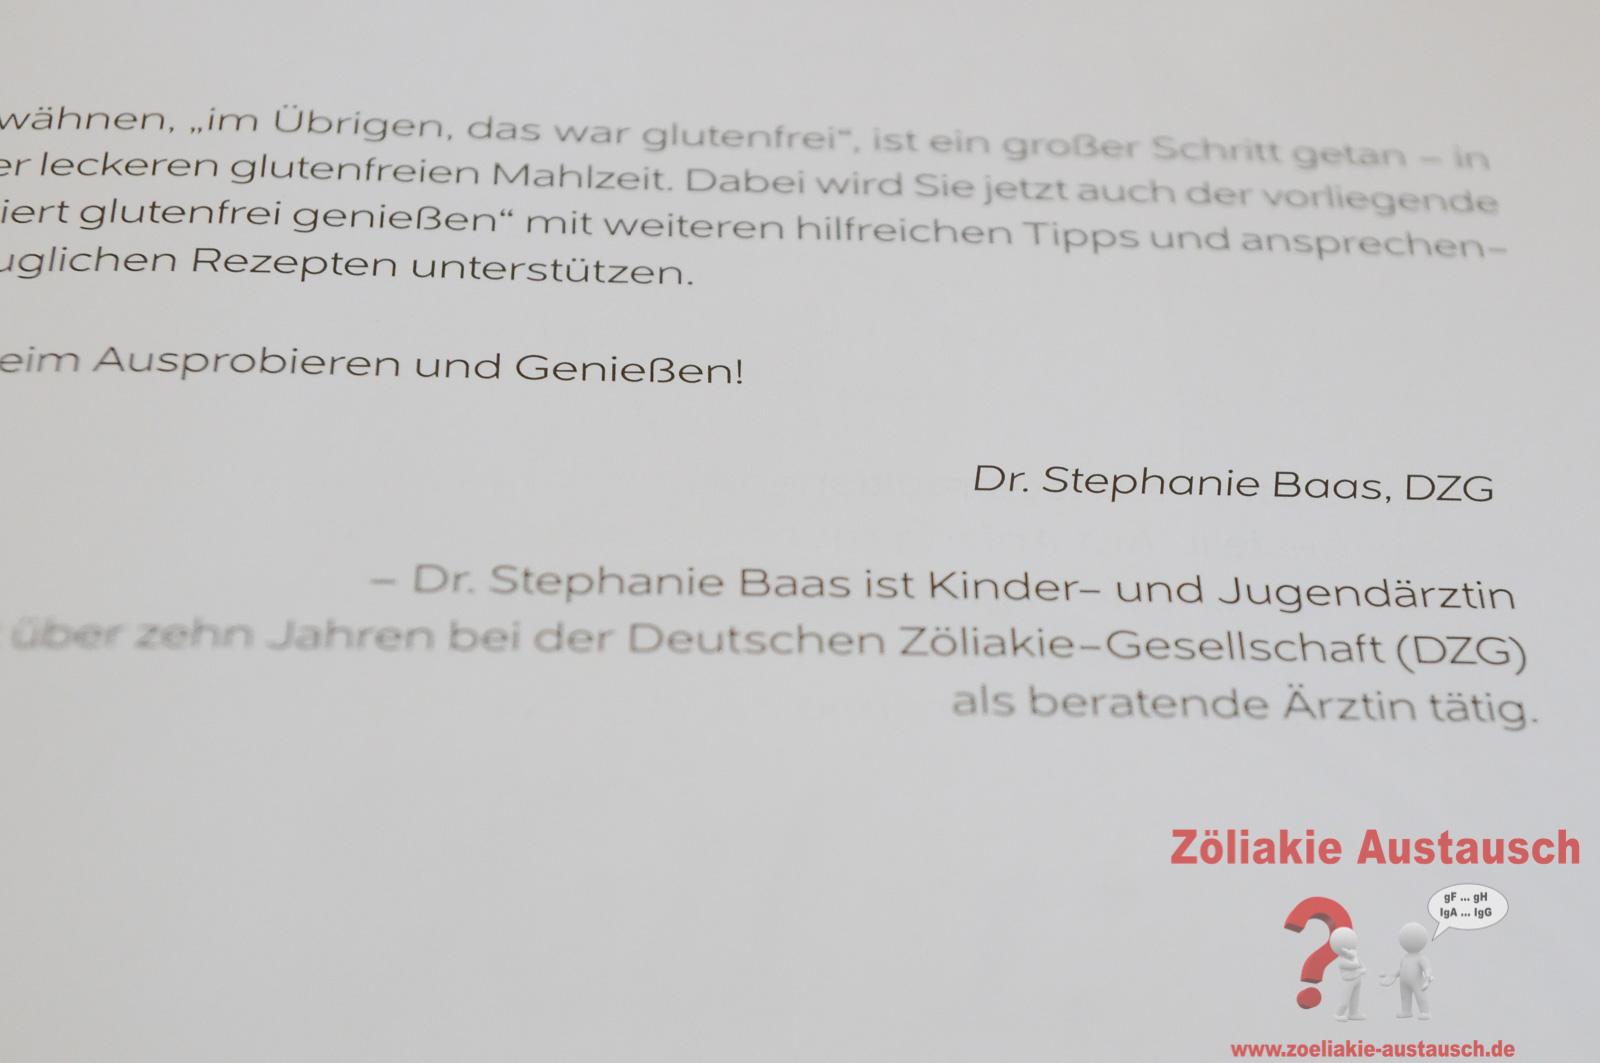 Buch_garantiert_glutenfrei_geniessen_DSC_5465